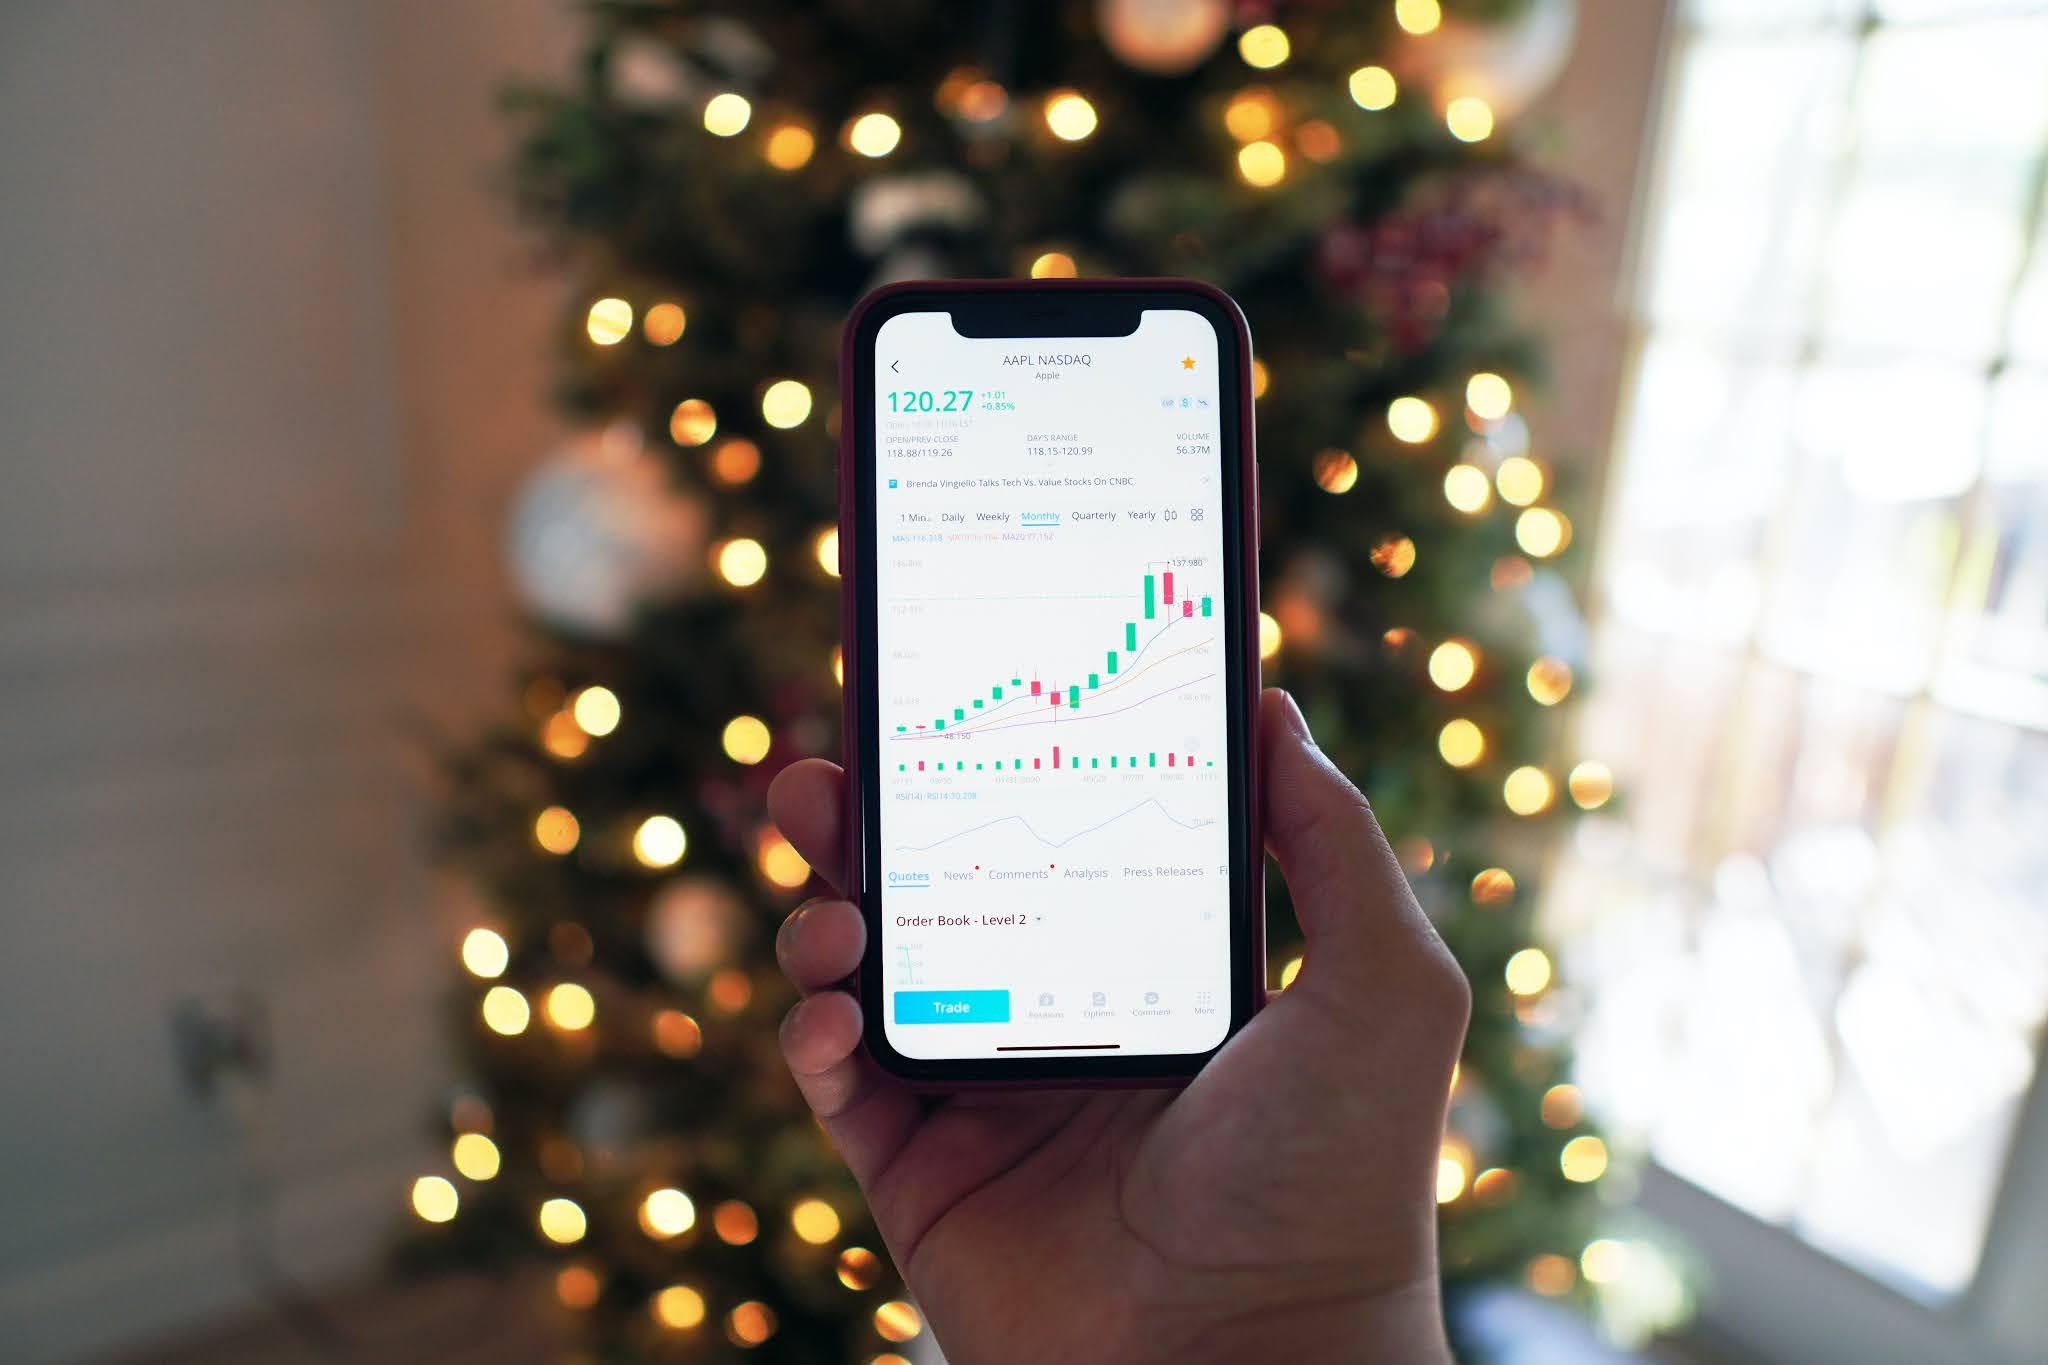 Binary Trading, OJK dan BAPPEBTI- Binary Trading atau Binary Option adalah salah satu jenis Investasi, berbeda dengan forex atau aset dan saham, Binary Trading merupakan salah satu jenis Trading yang bisa dibilang cukup beresiko. Hal tersebut membuat banyak pertanyaan tentang pendapat OJK dan BAPPEBTI tentang jenis Trading yang satu ini.